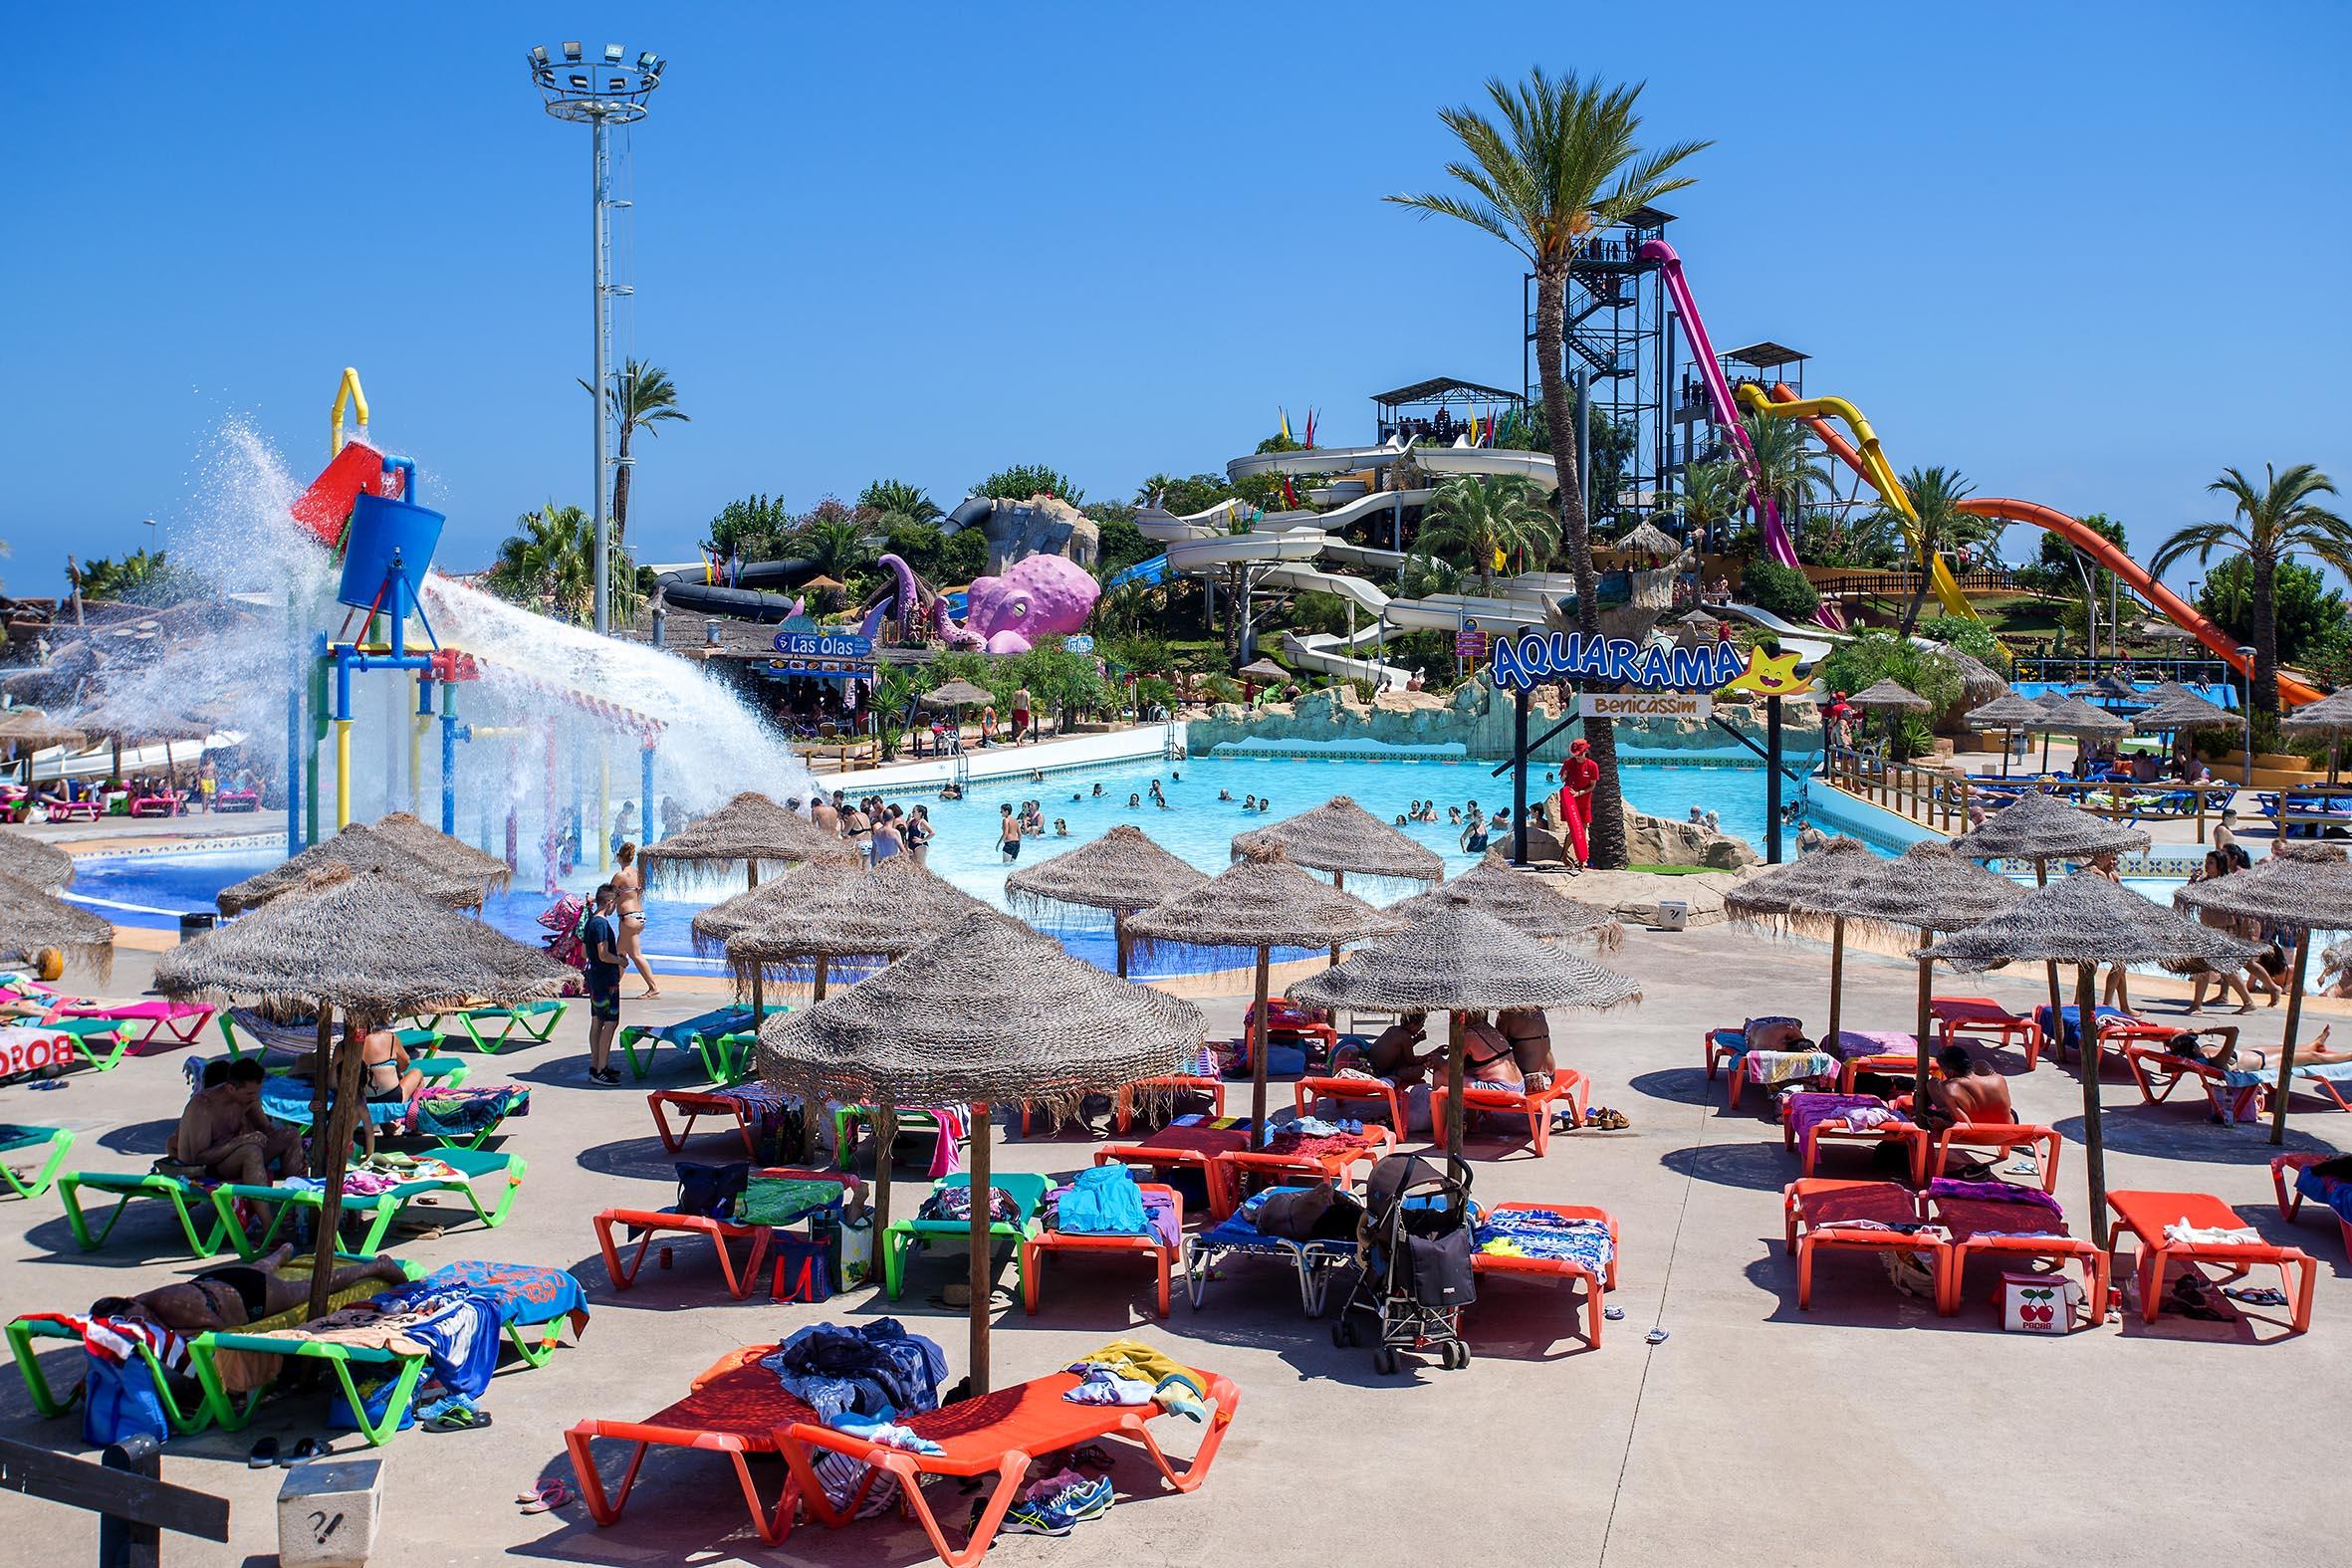 6 ventajas de pasar un día de vacaciones en Aquarama